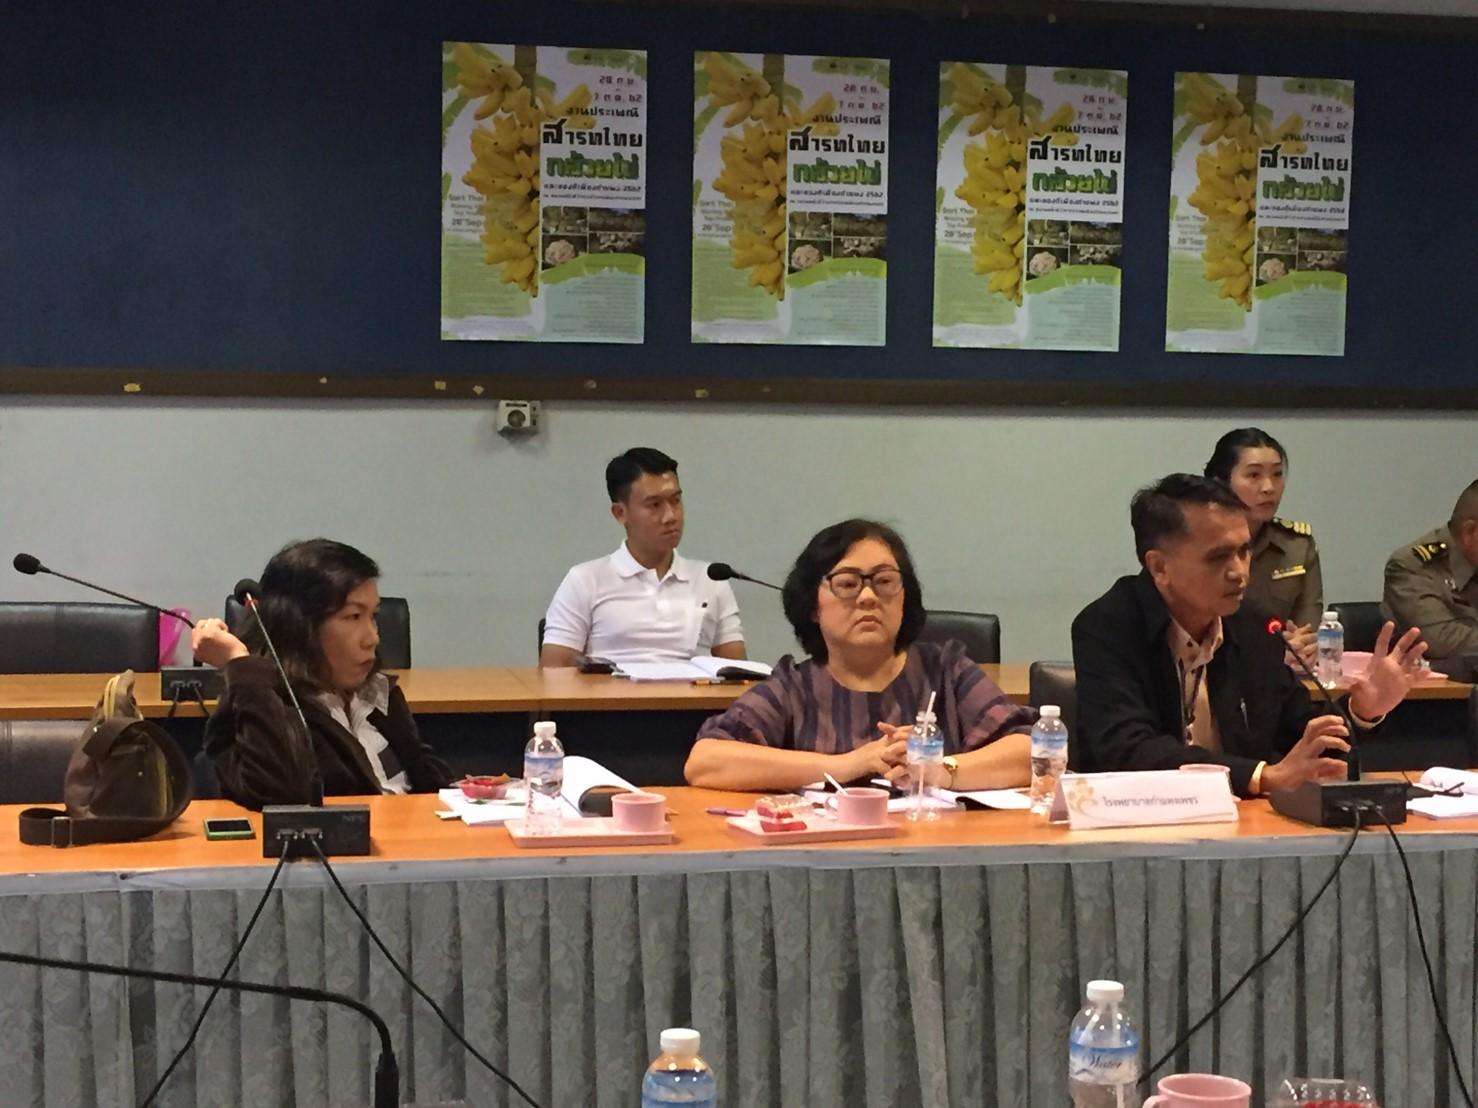 จัดประชุมแนวทางการบริหารจัดการการทำงานของแรงงานต่างด้าวปี 2562 – 2563 ครั้งที่ 1 /2563